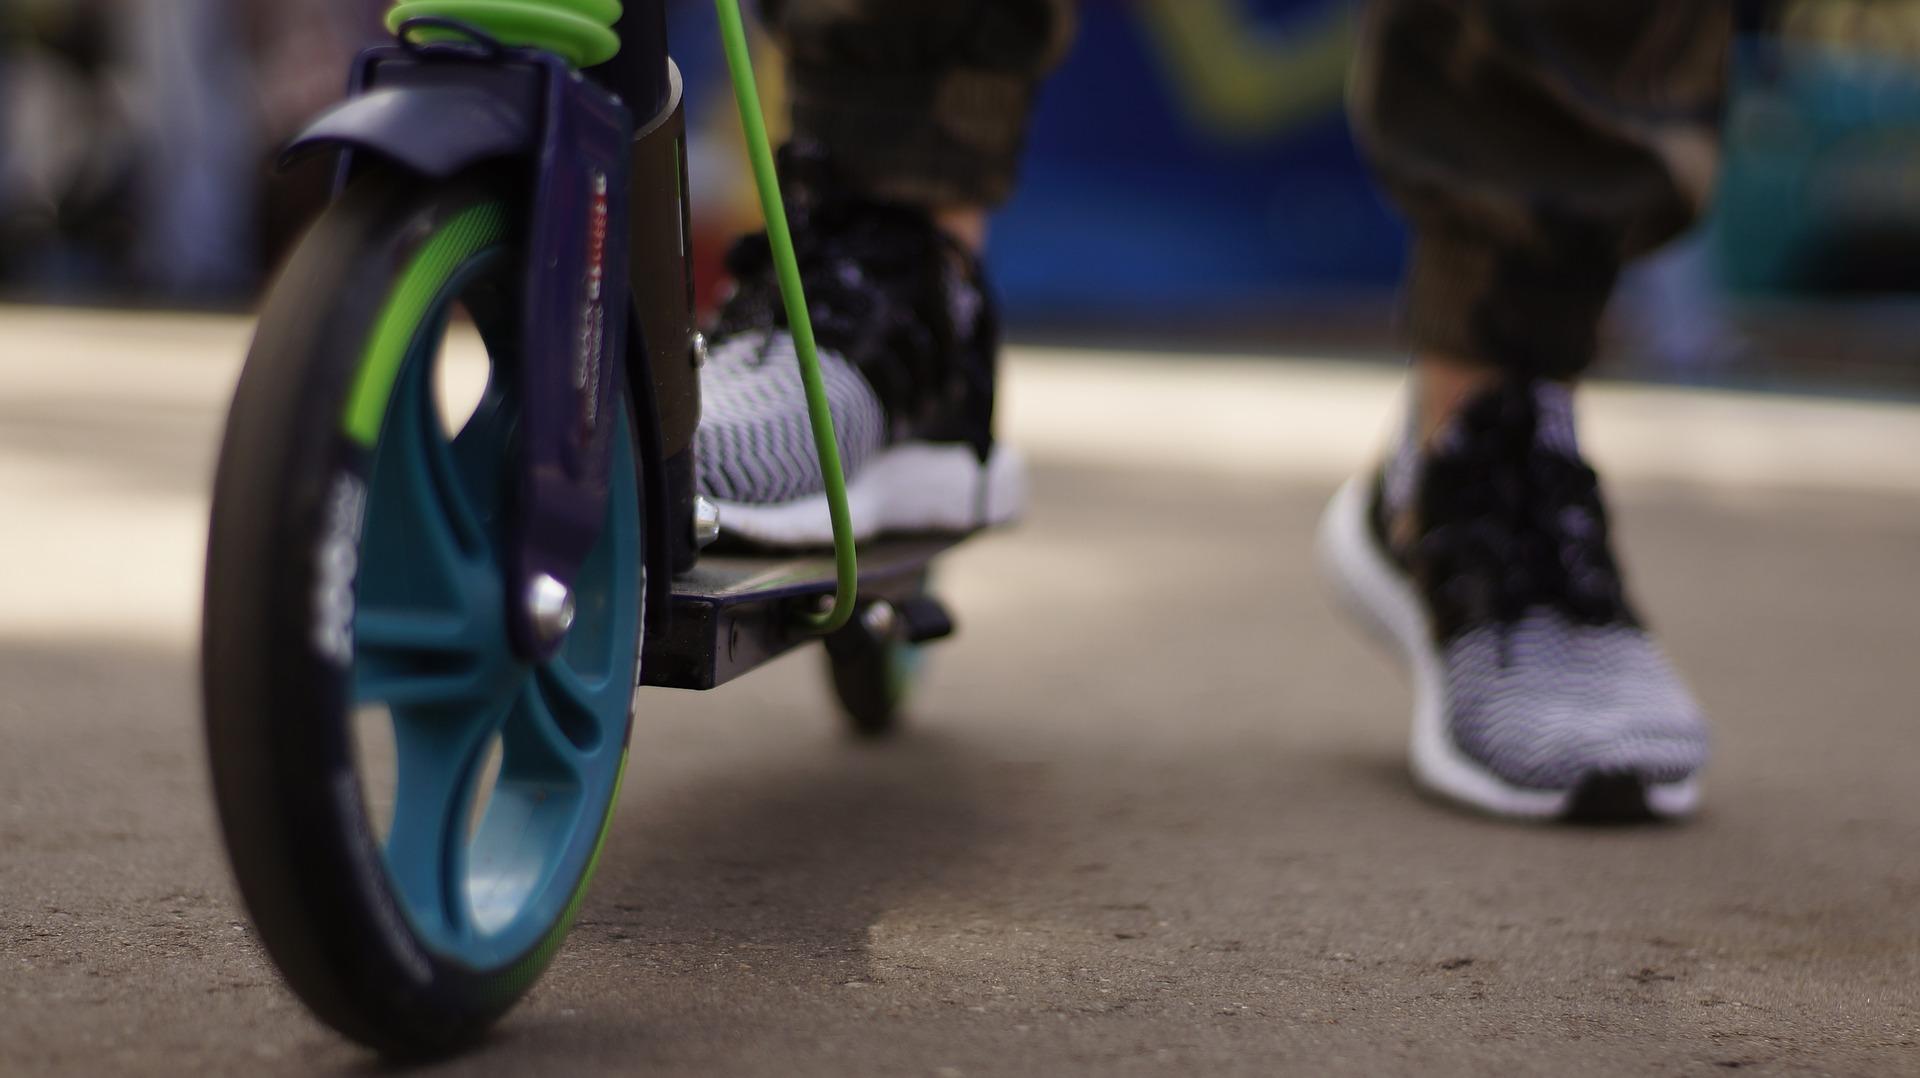 Neue Regelung für E-Tretroller | E-Scooter | Elektro-Scooter | E-Roller – die eKFV macht es möglich (seit Mai 2019)